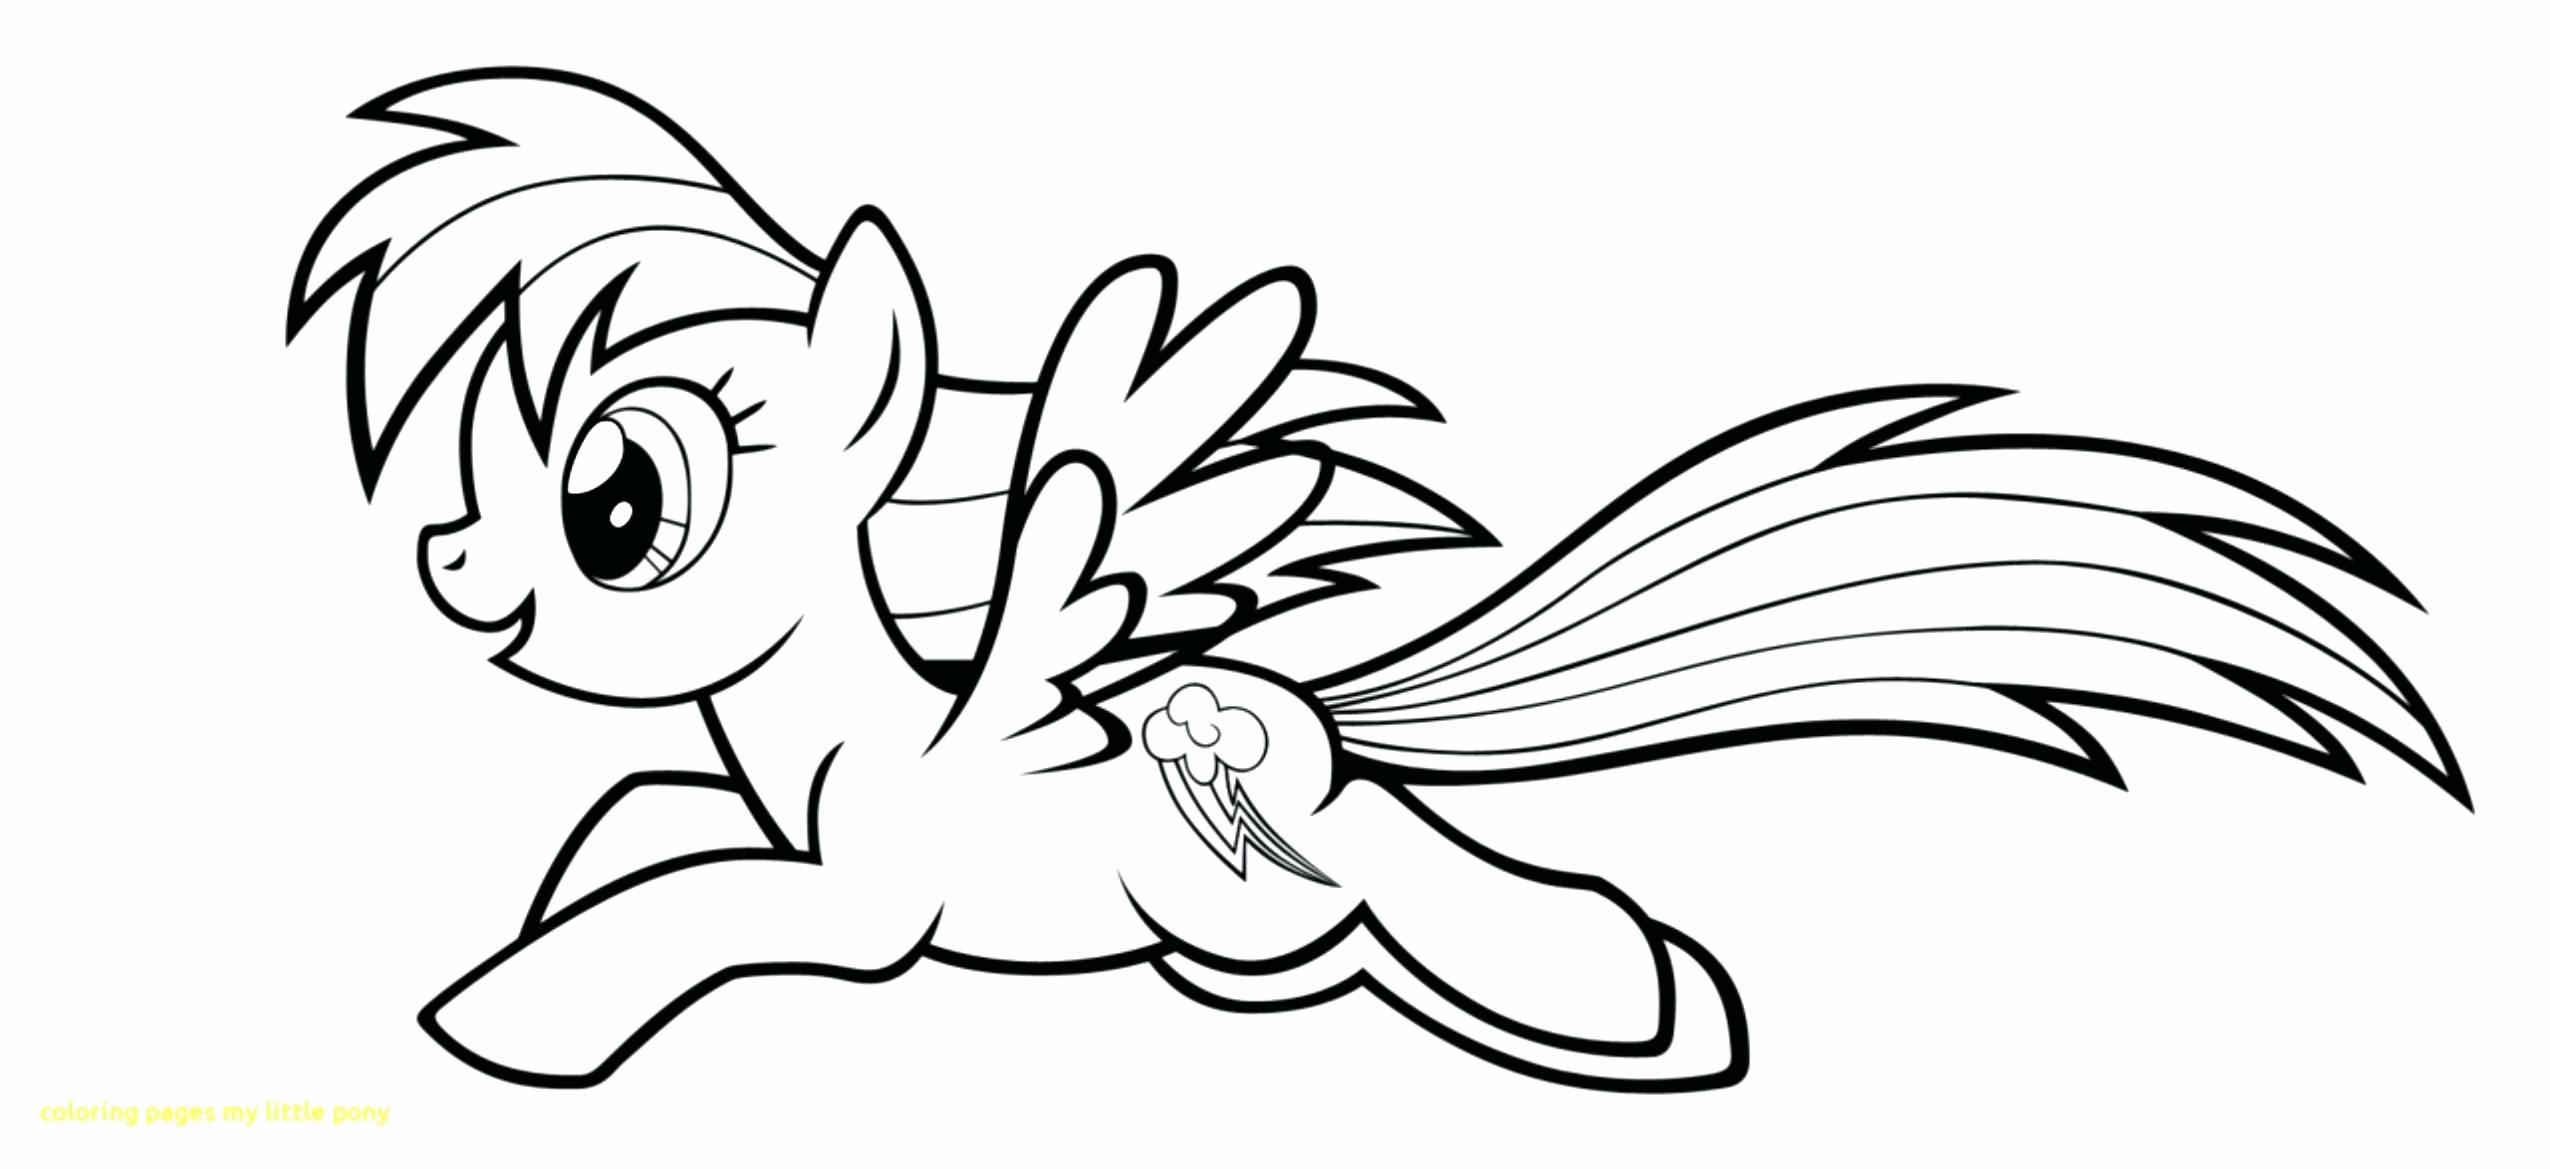 Malvorlagen My Little Pony Einzigartig Ausmalbilder Kostenlos Beispielbilder Färben My Little Pony Coloring Sammlung